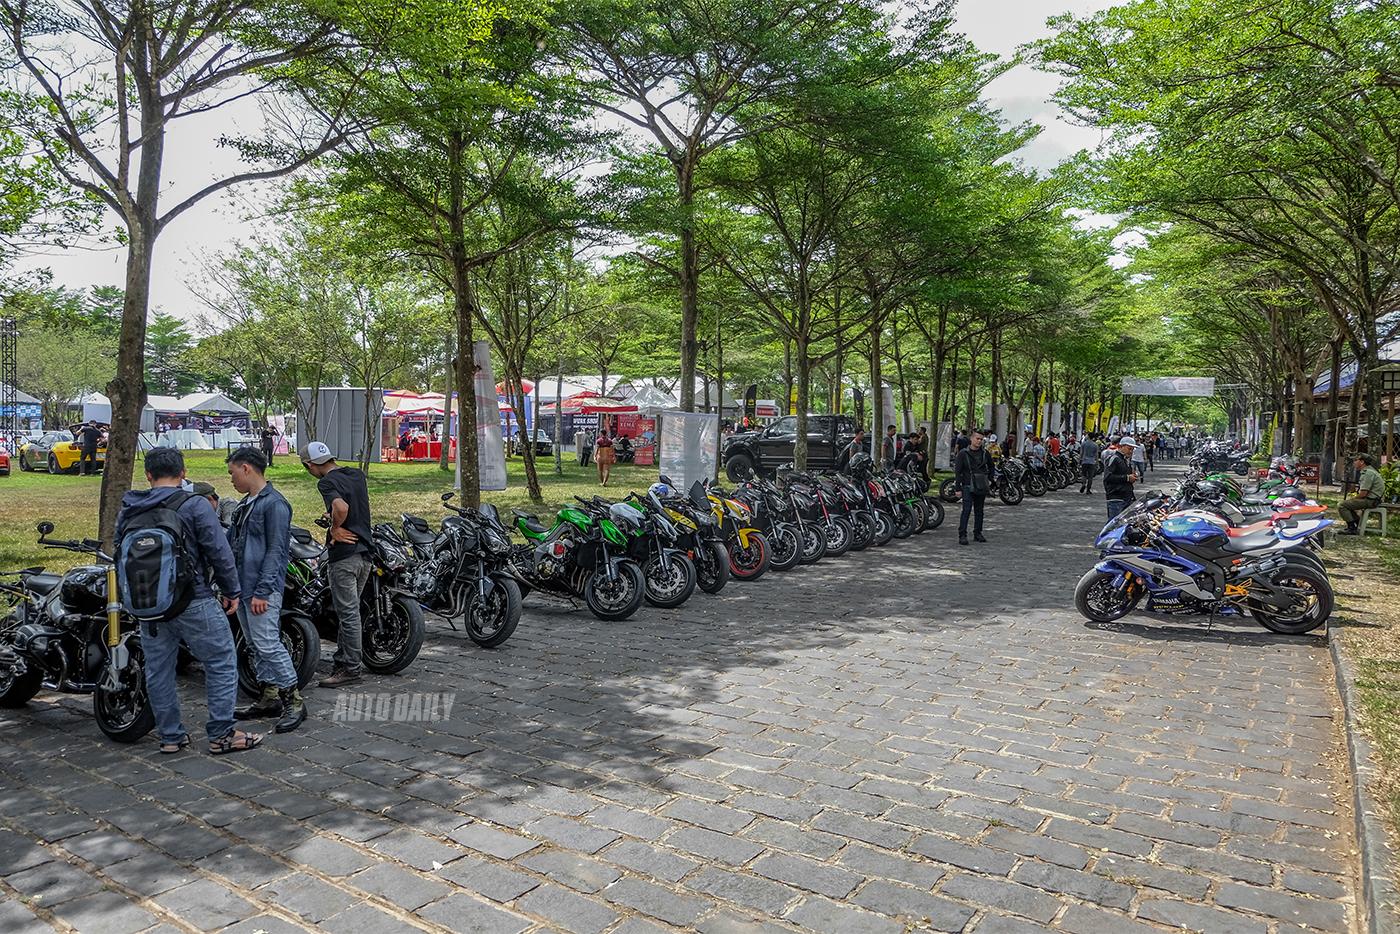 vietnam-motor-festival-2018-31.jpg